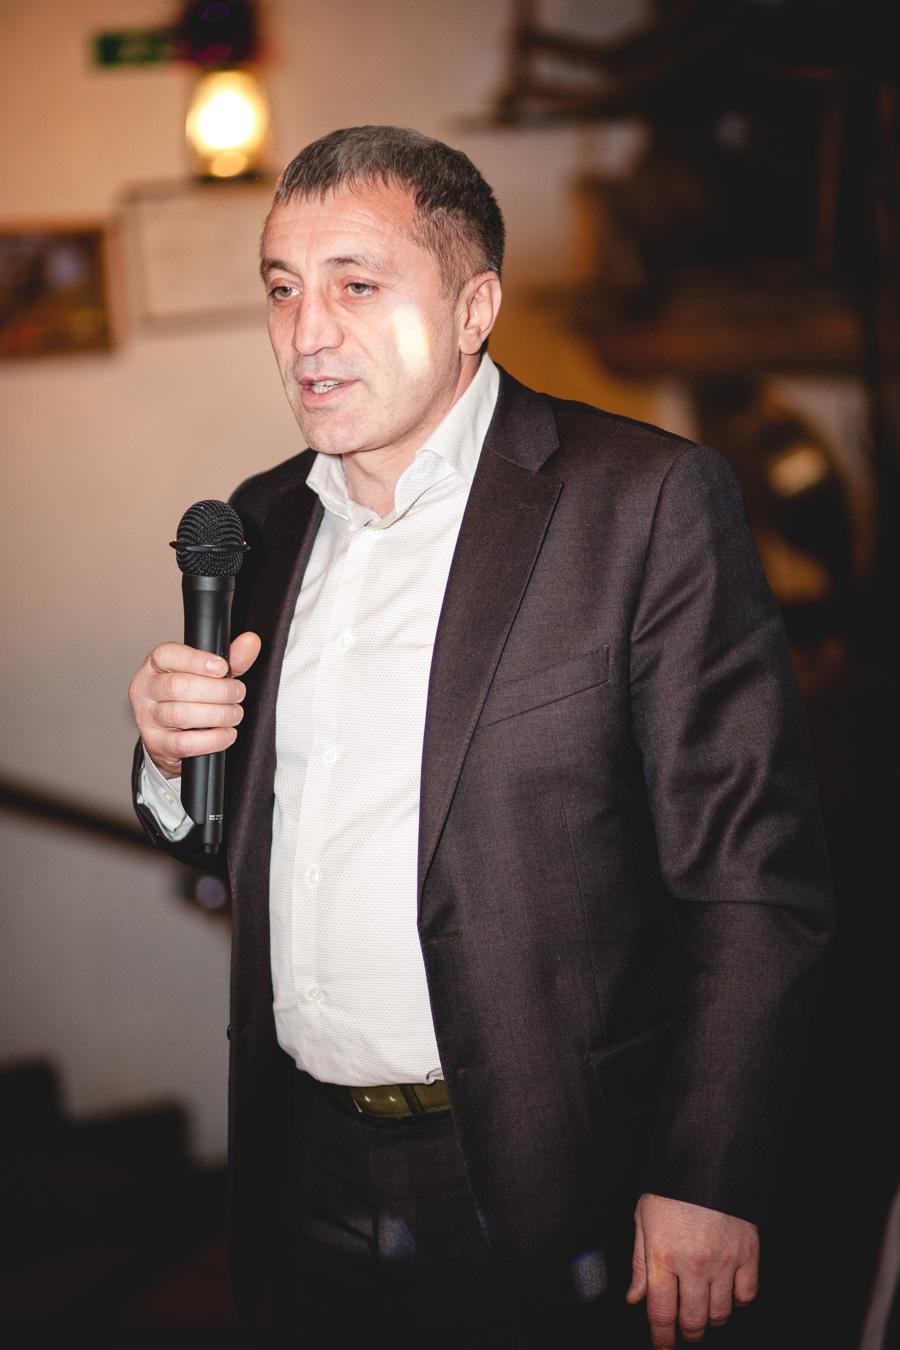 portfolio-prazdniki-korp-20121224005